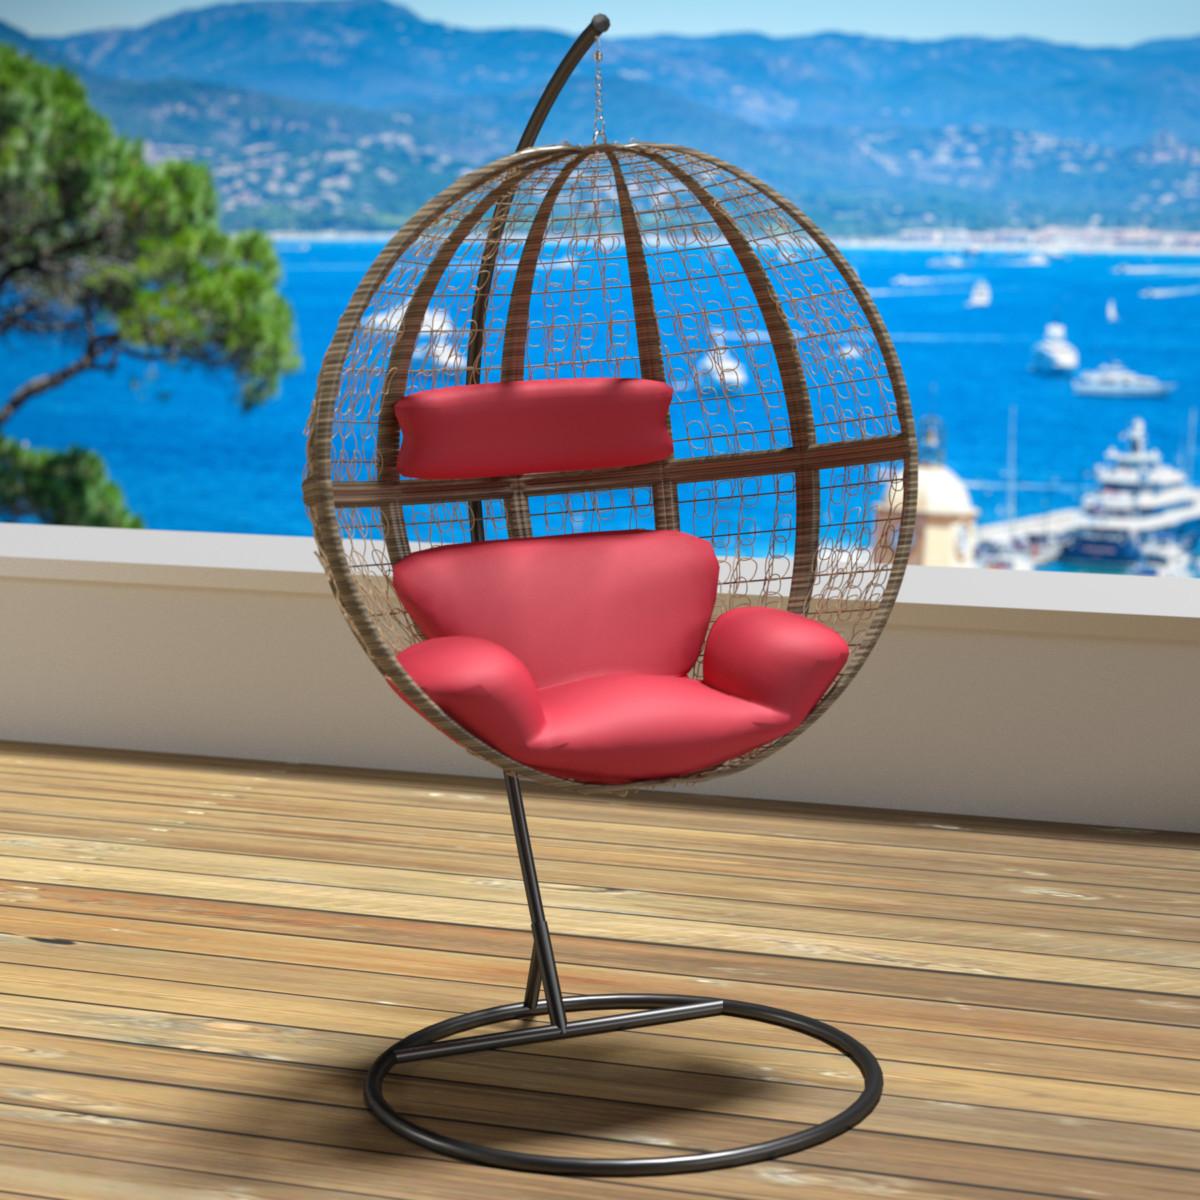 Chaise hamac avec support fauteuil suspendu de jardin balancelle